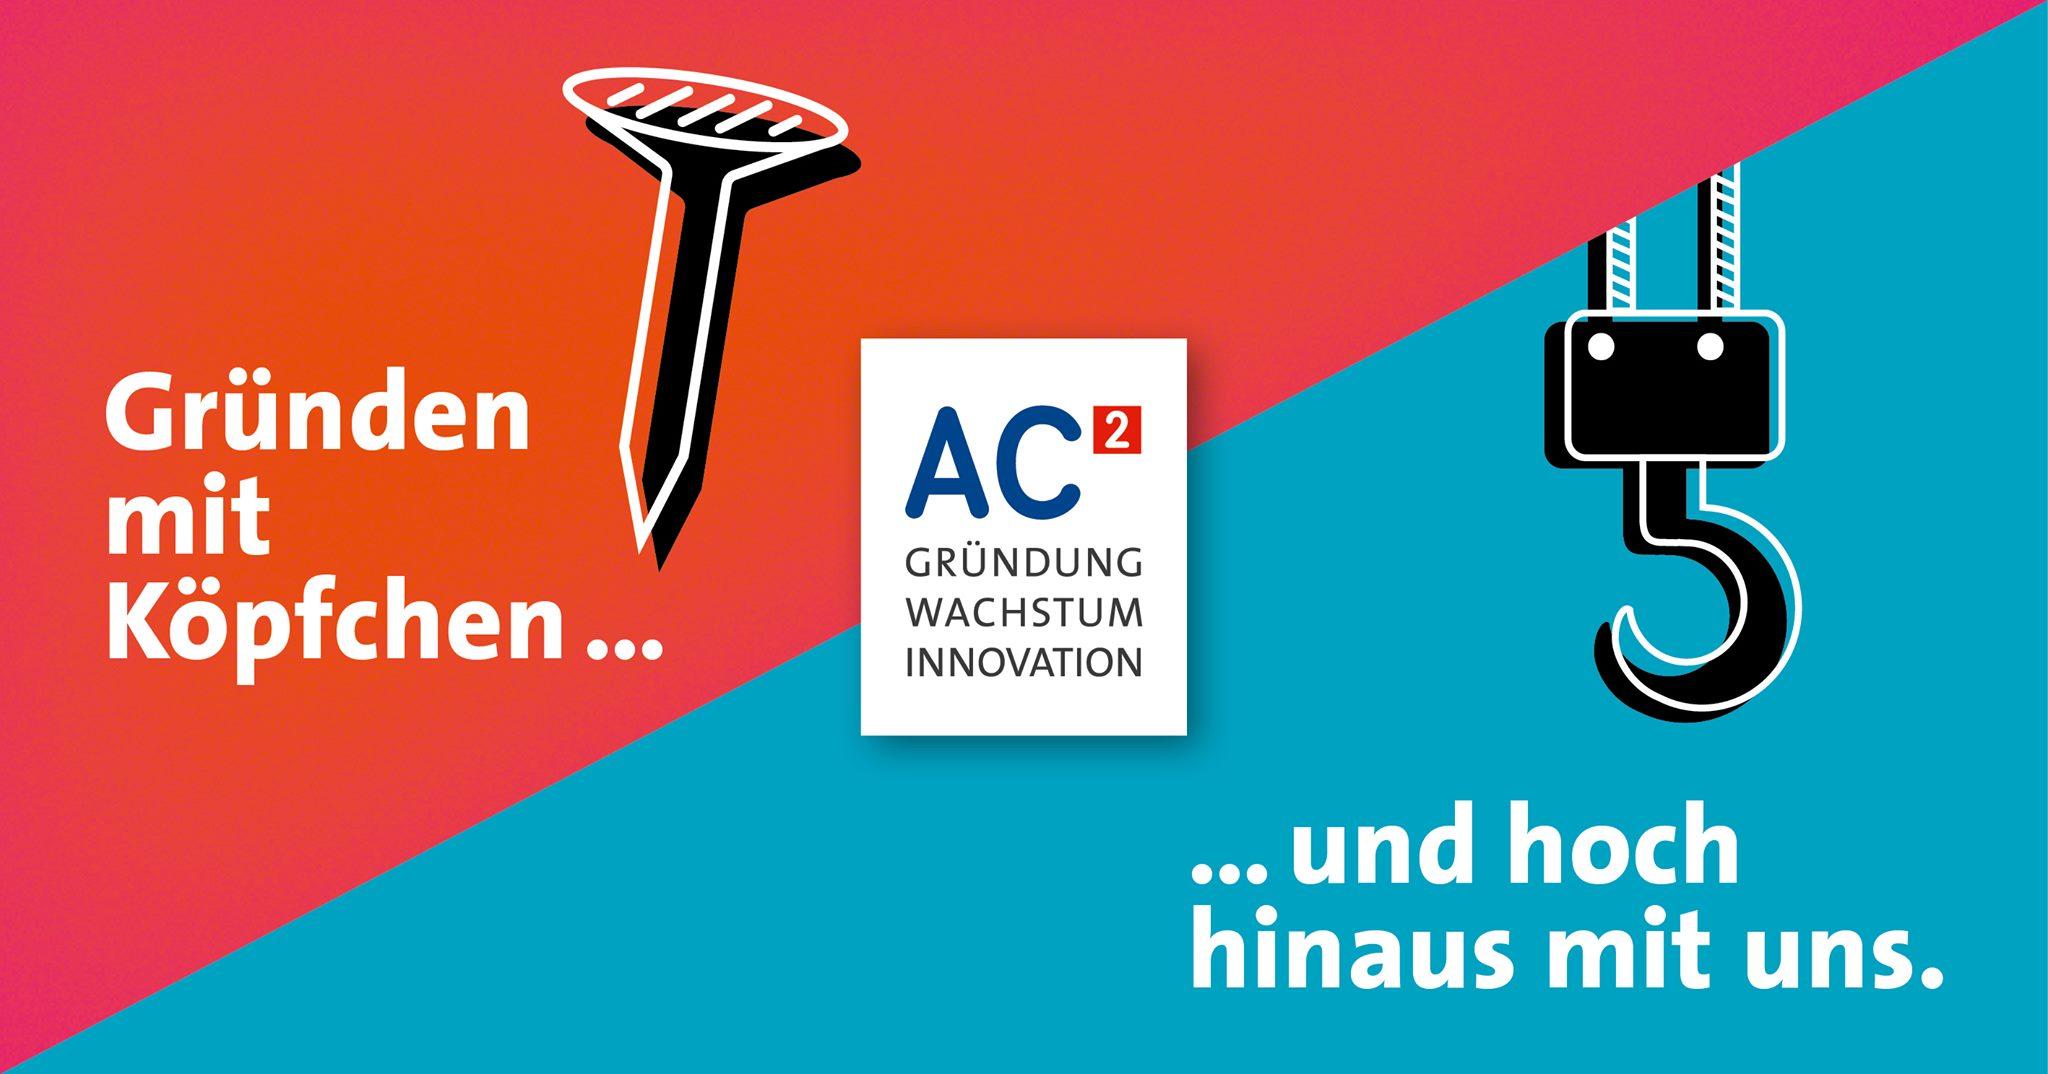 Auftaktveranstaltung AC² - Gründung, Wachstum, Innovation 2020/21